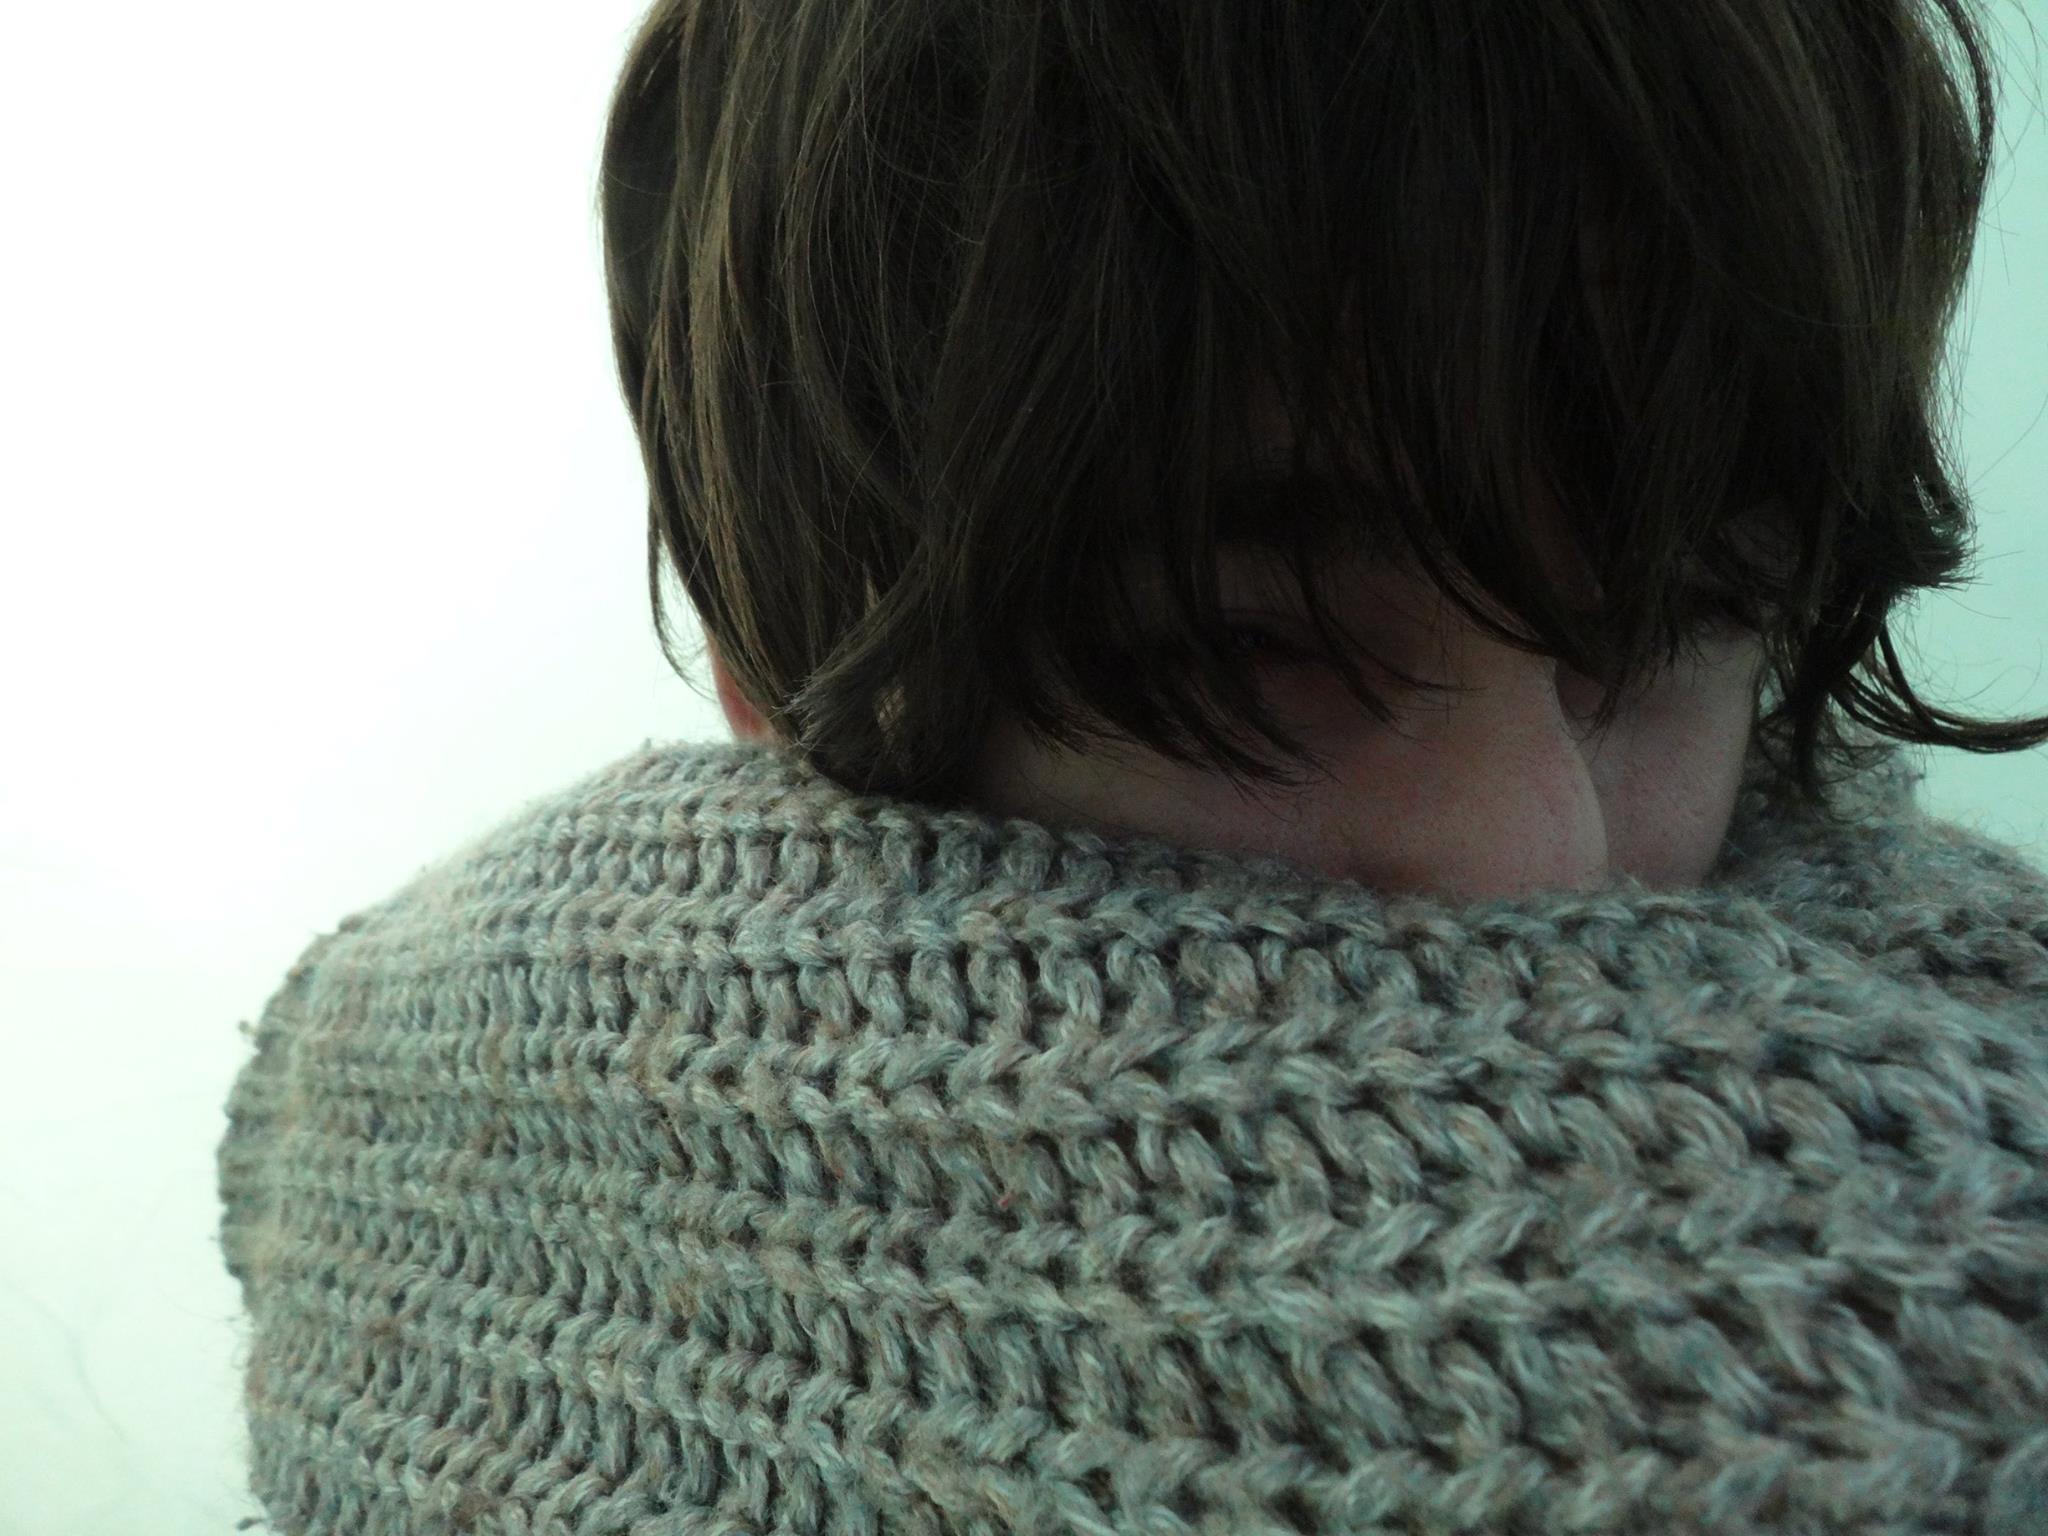 hikaru tenshin hokonono sweater in tent